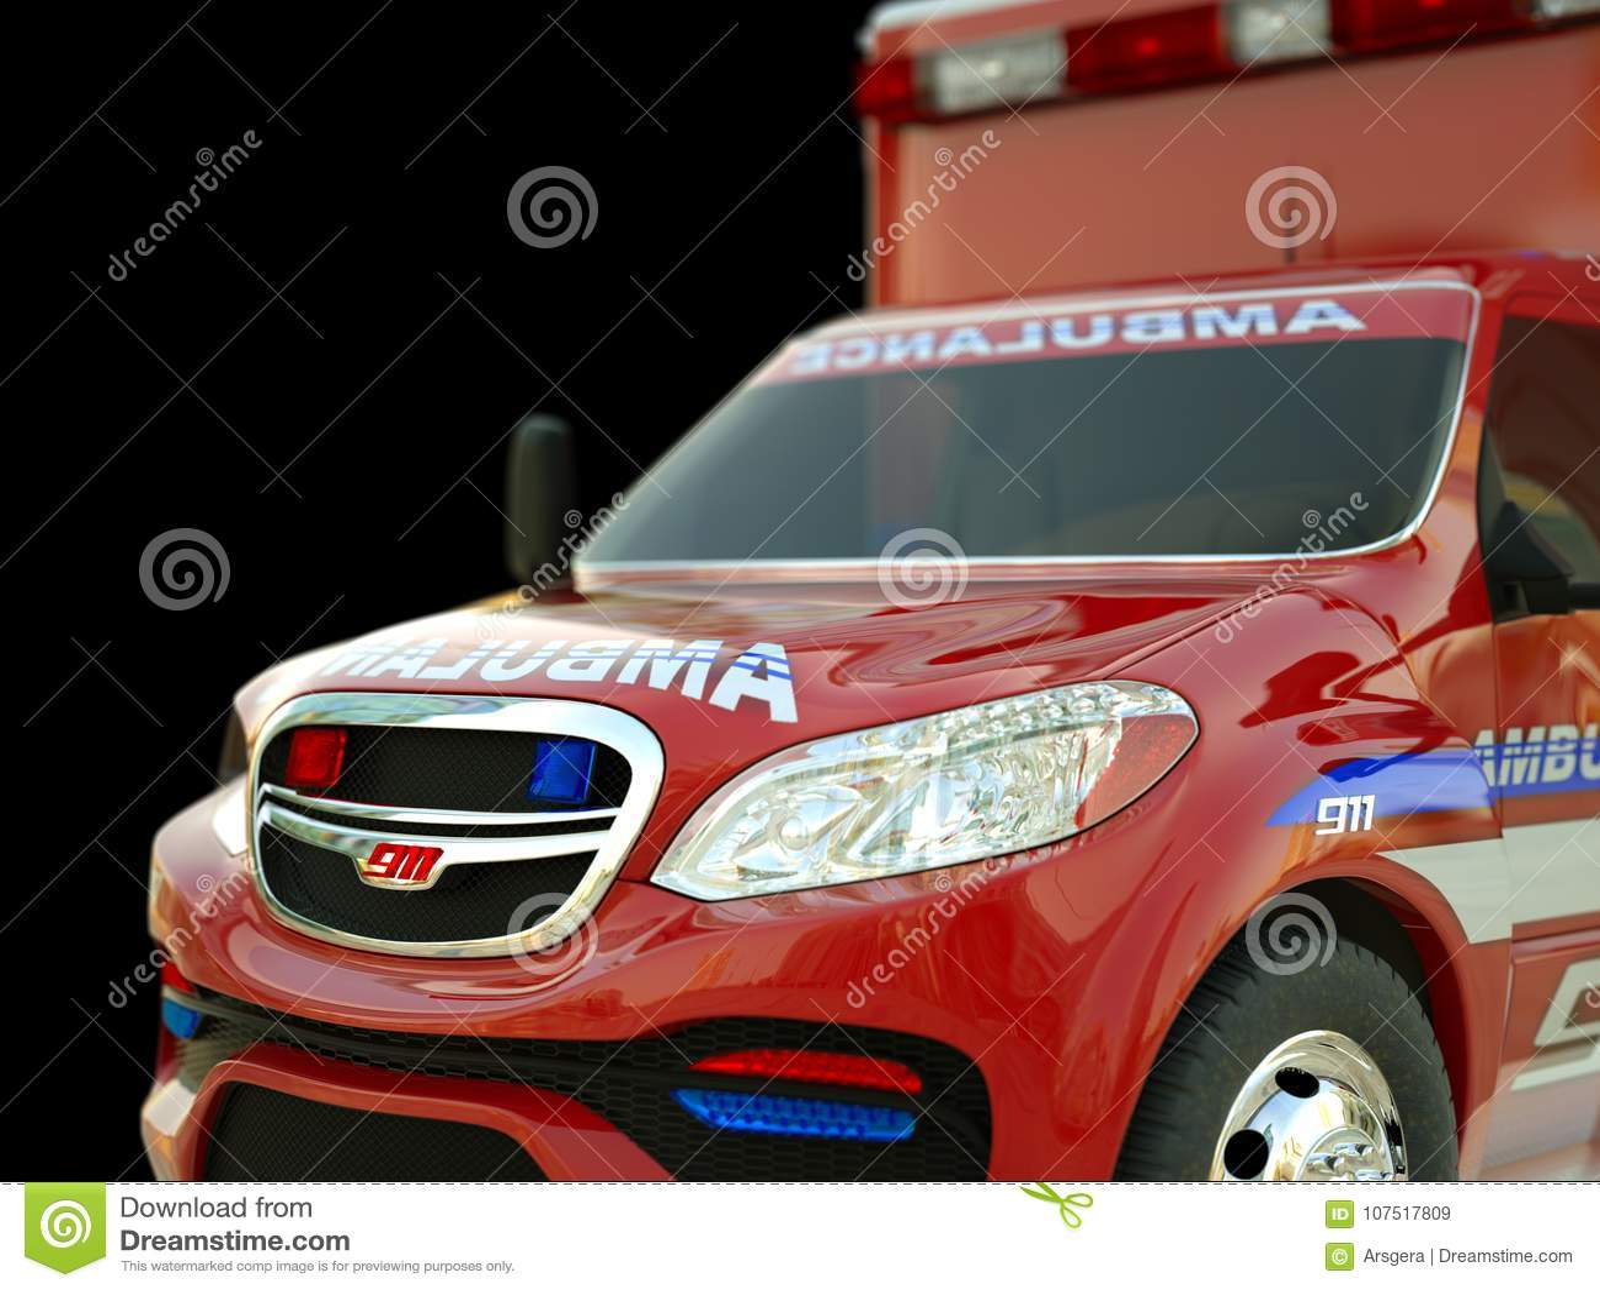 Ziekenwagen: Close-upmening van hulpdienstenvoertuig op zwarte